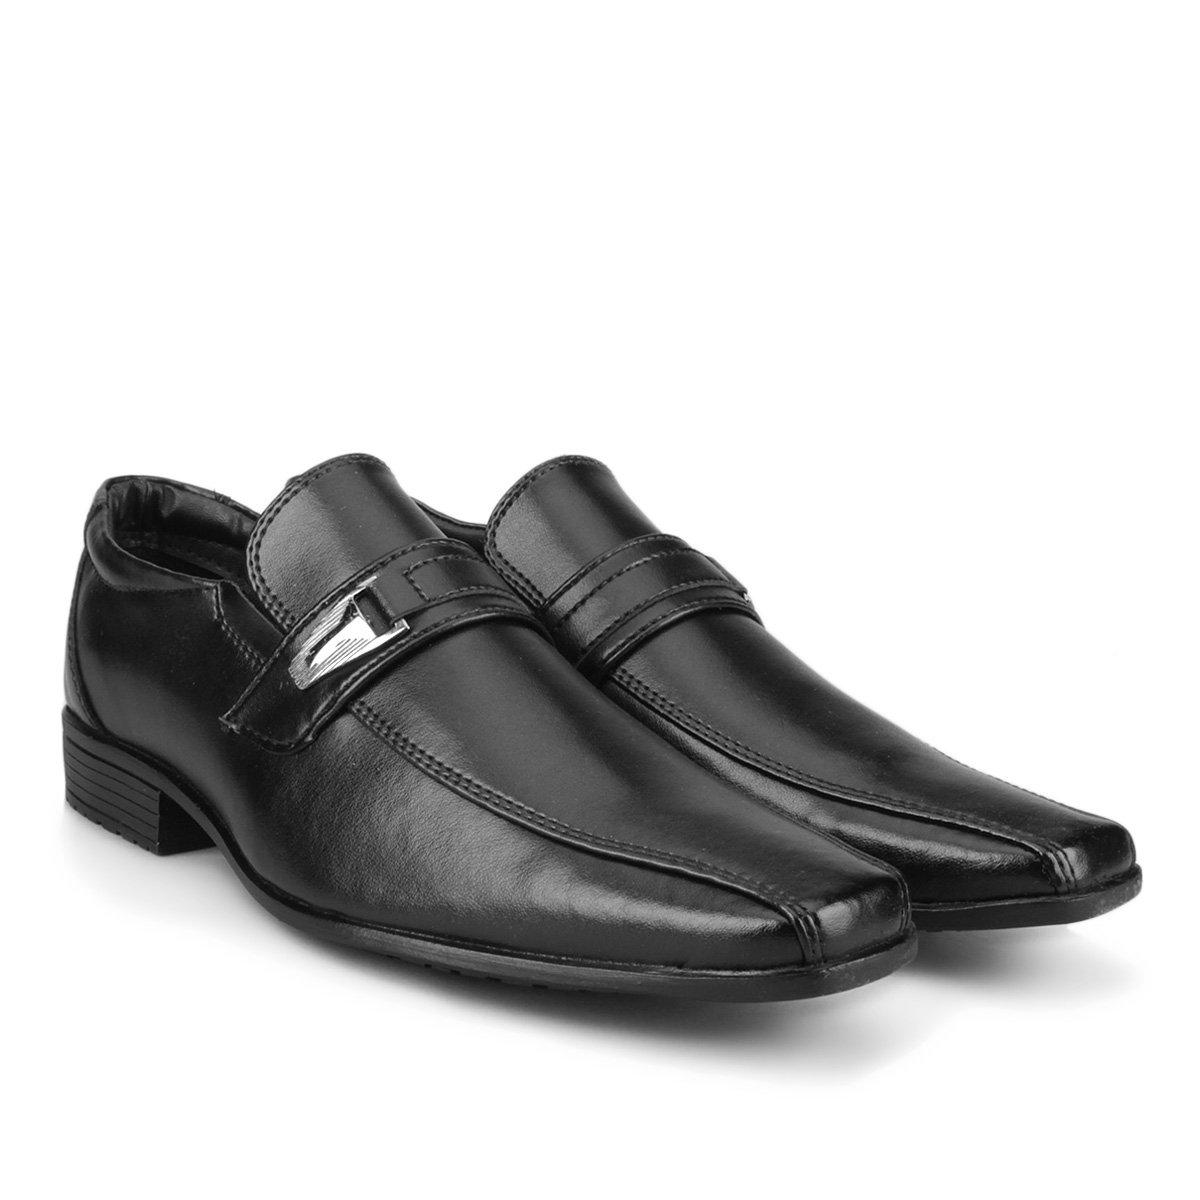 Preto Sapato Wakalbout Wakalbout Preto Preto Social Masculino Masculino Social Wakalbout Sapato Sapato Masculino Sapato Wakalbout Social Social FqYAEEaw